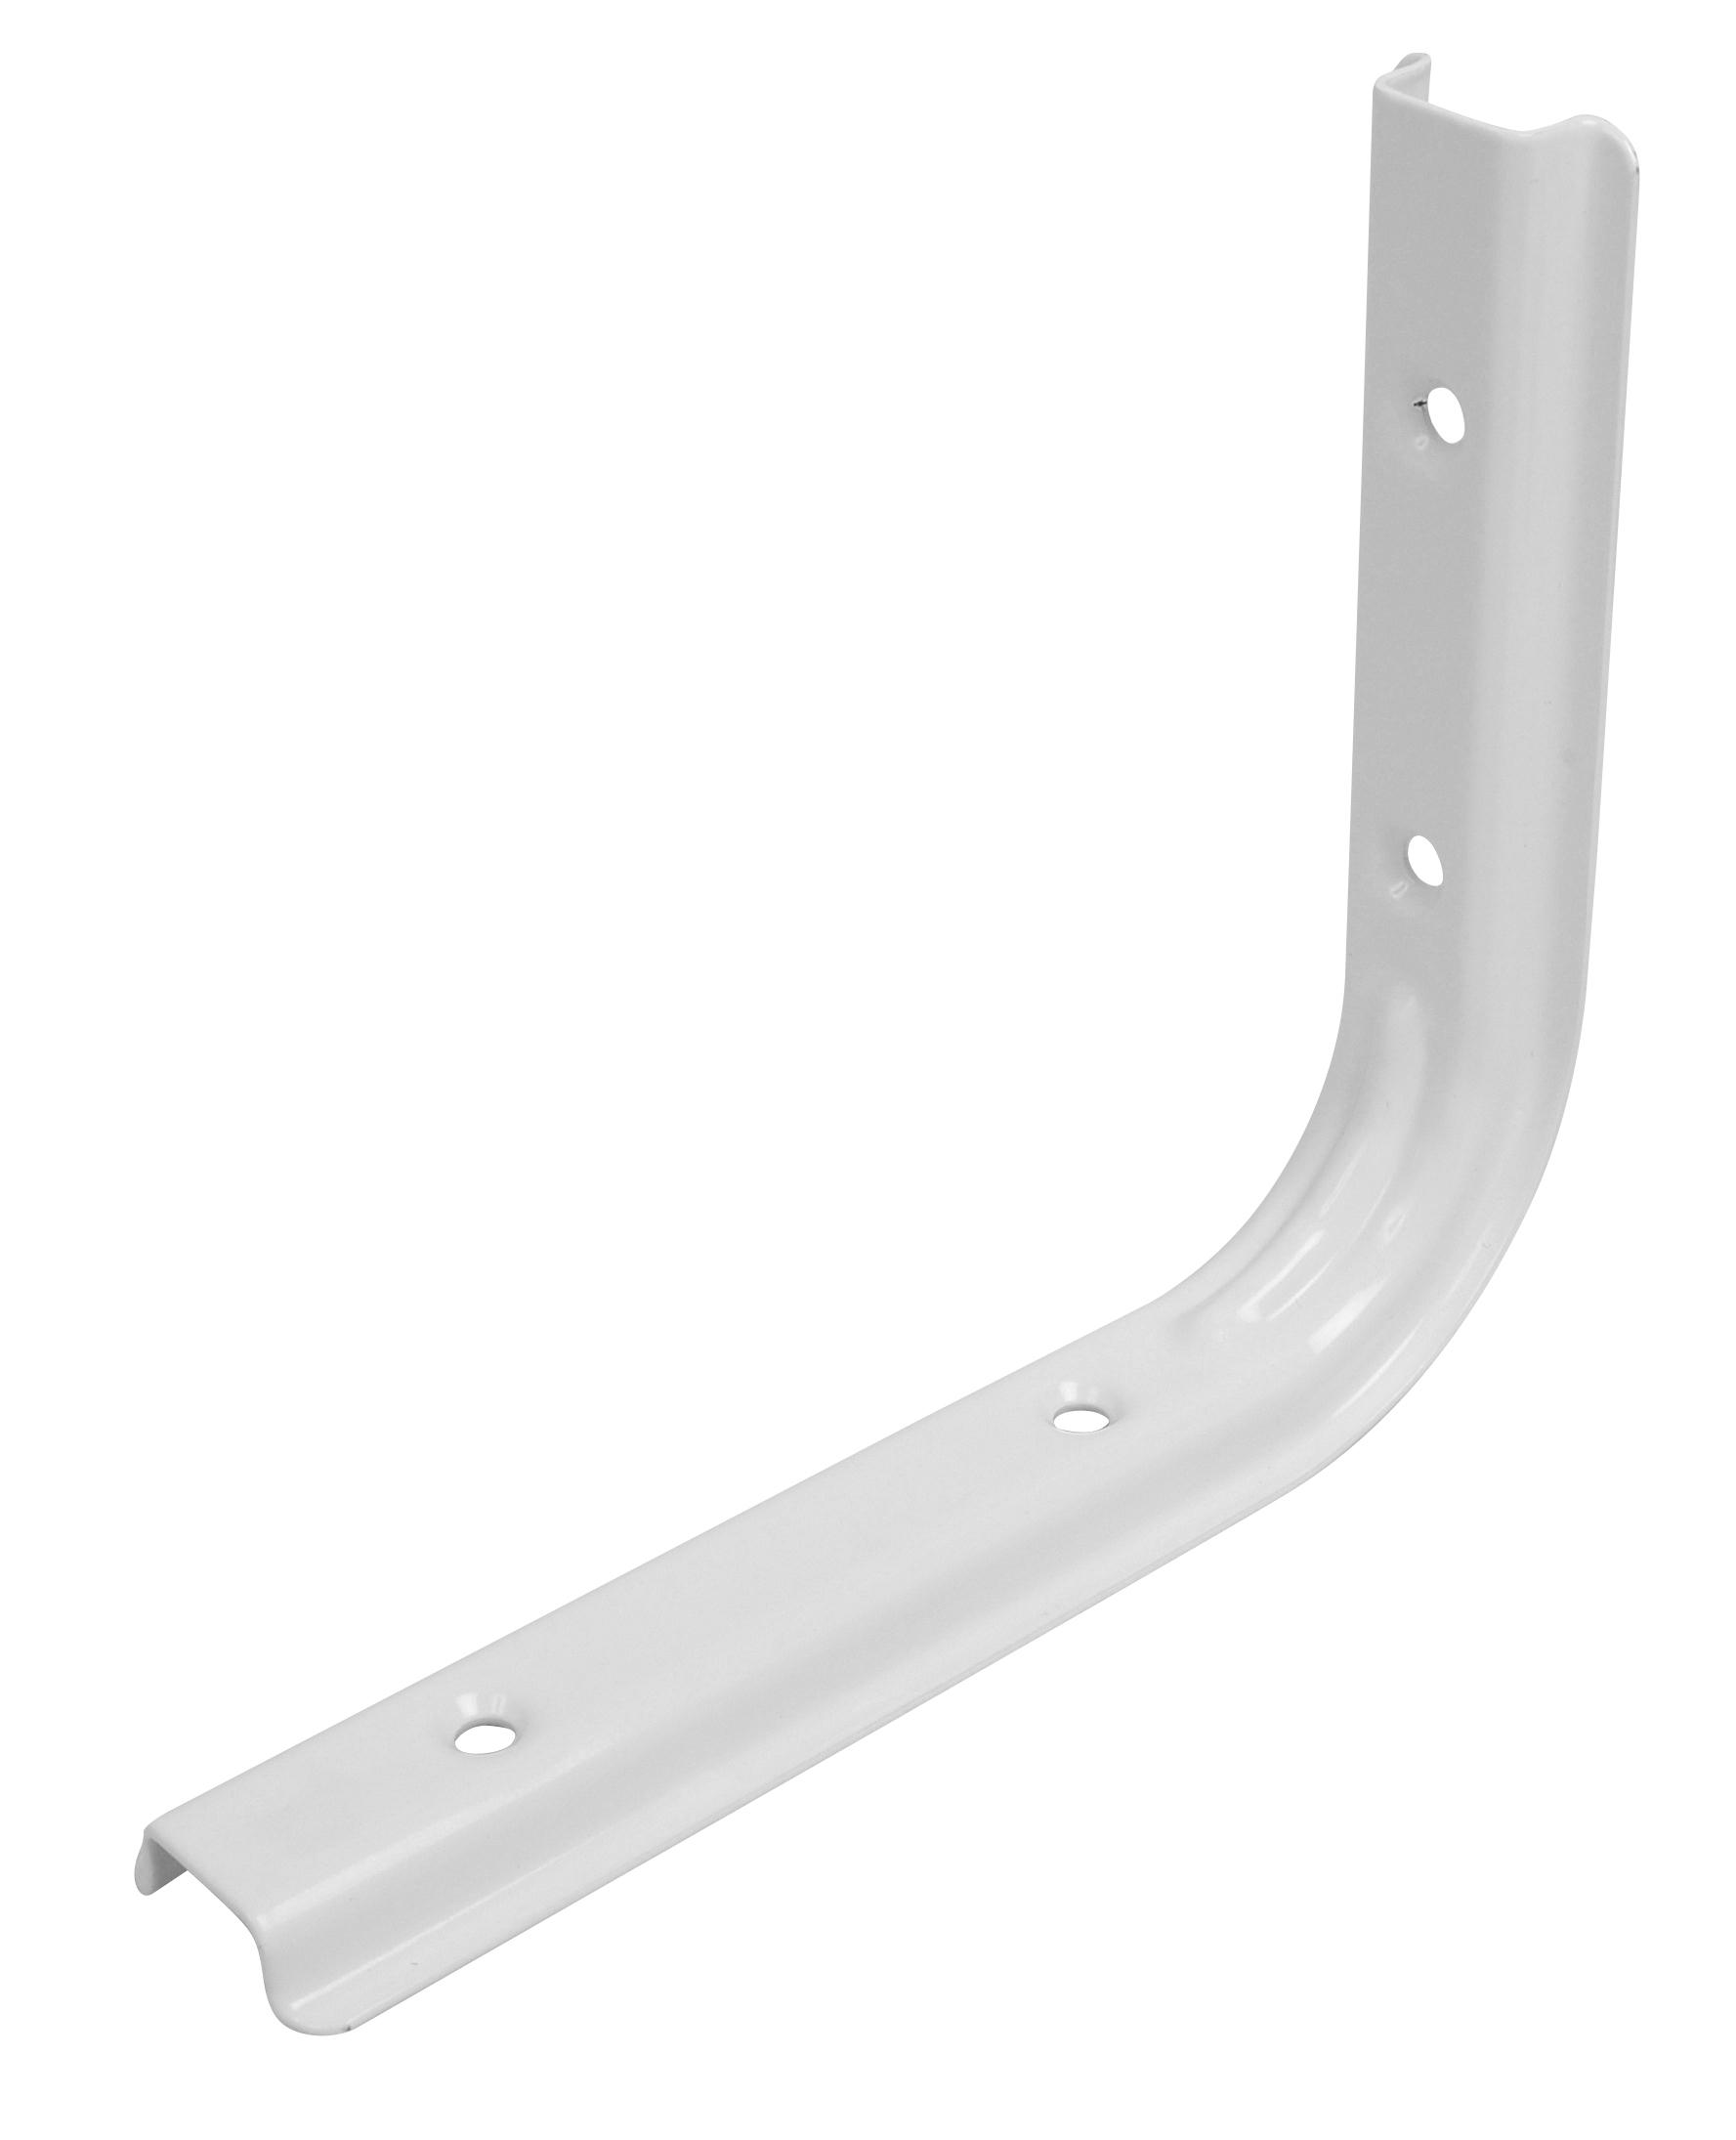 Image of   Hyldeknægt U-profil 125x150 mm. - hvid